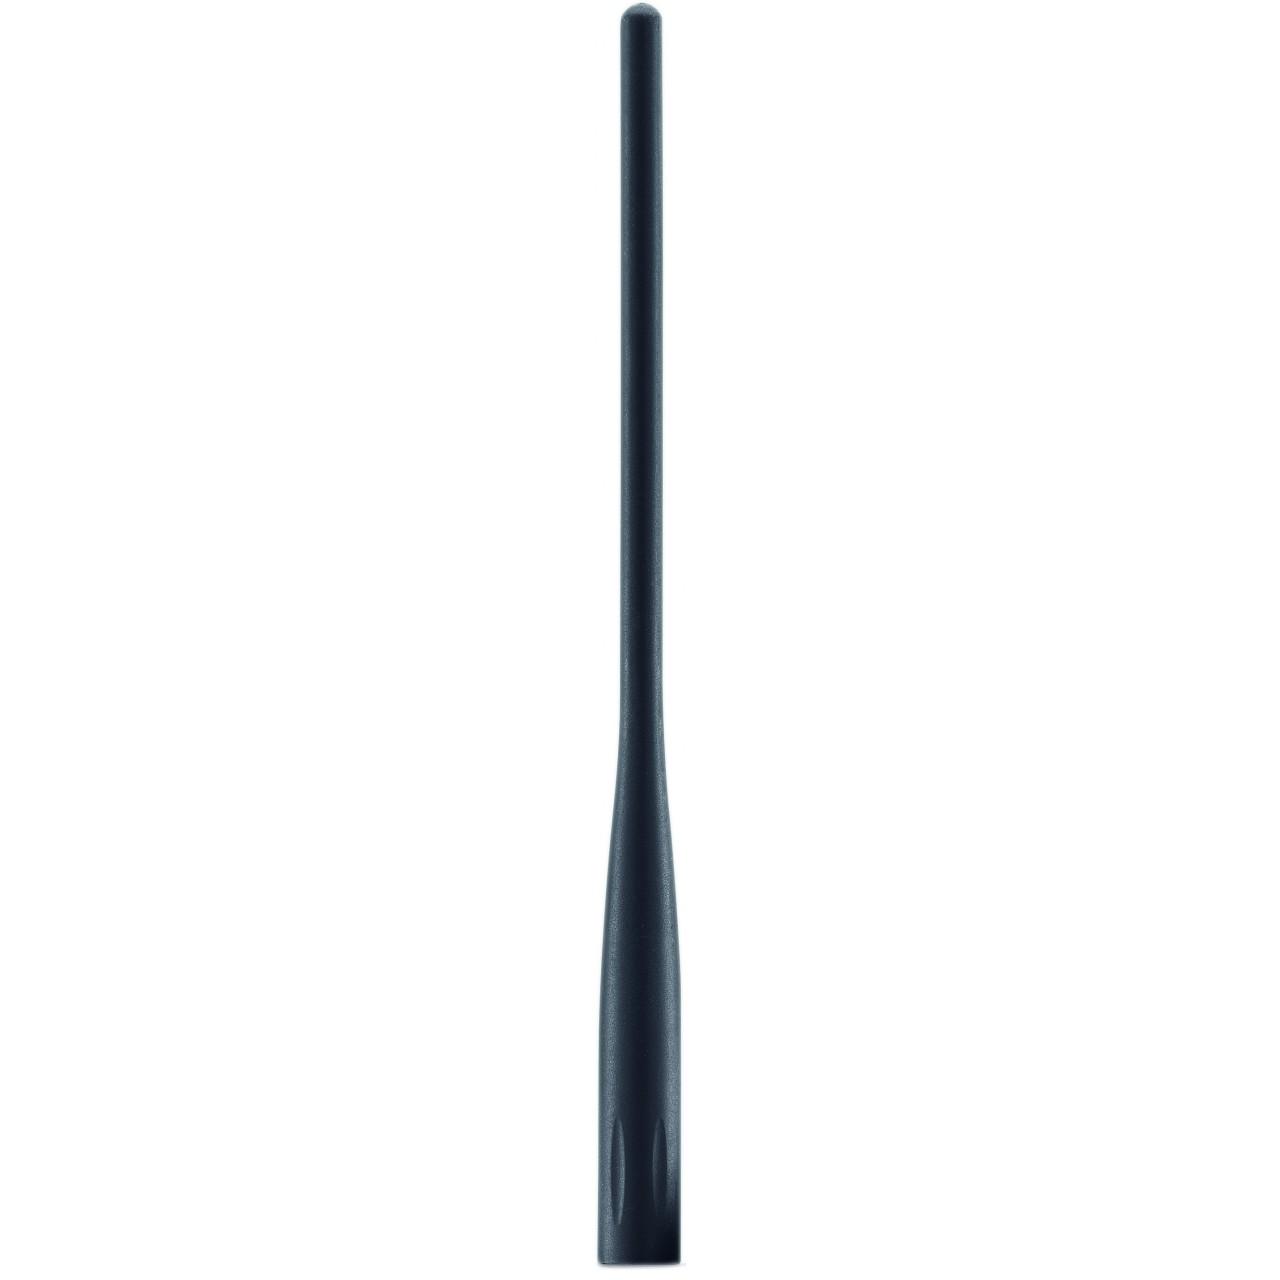 FA-S270C Antennas - ICOM